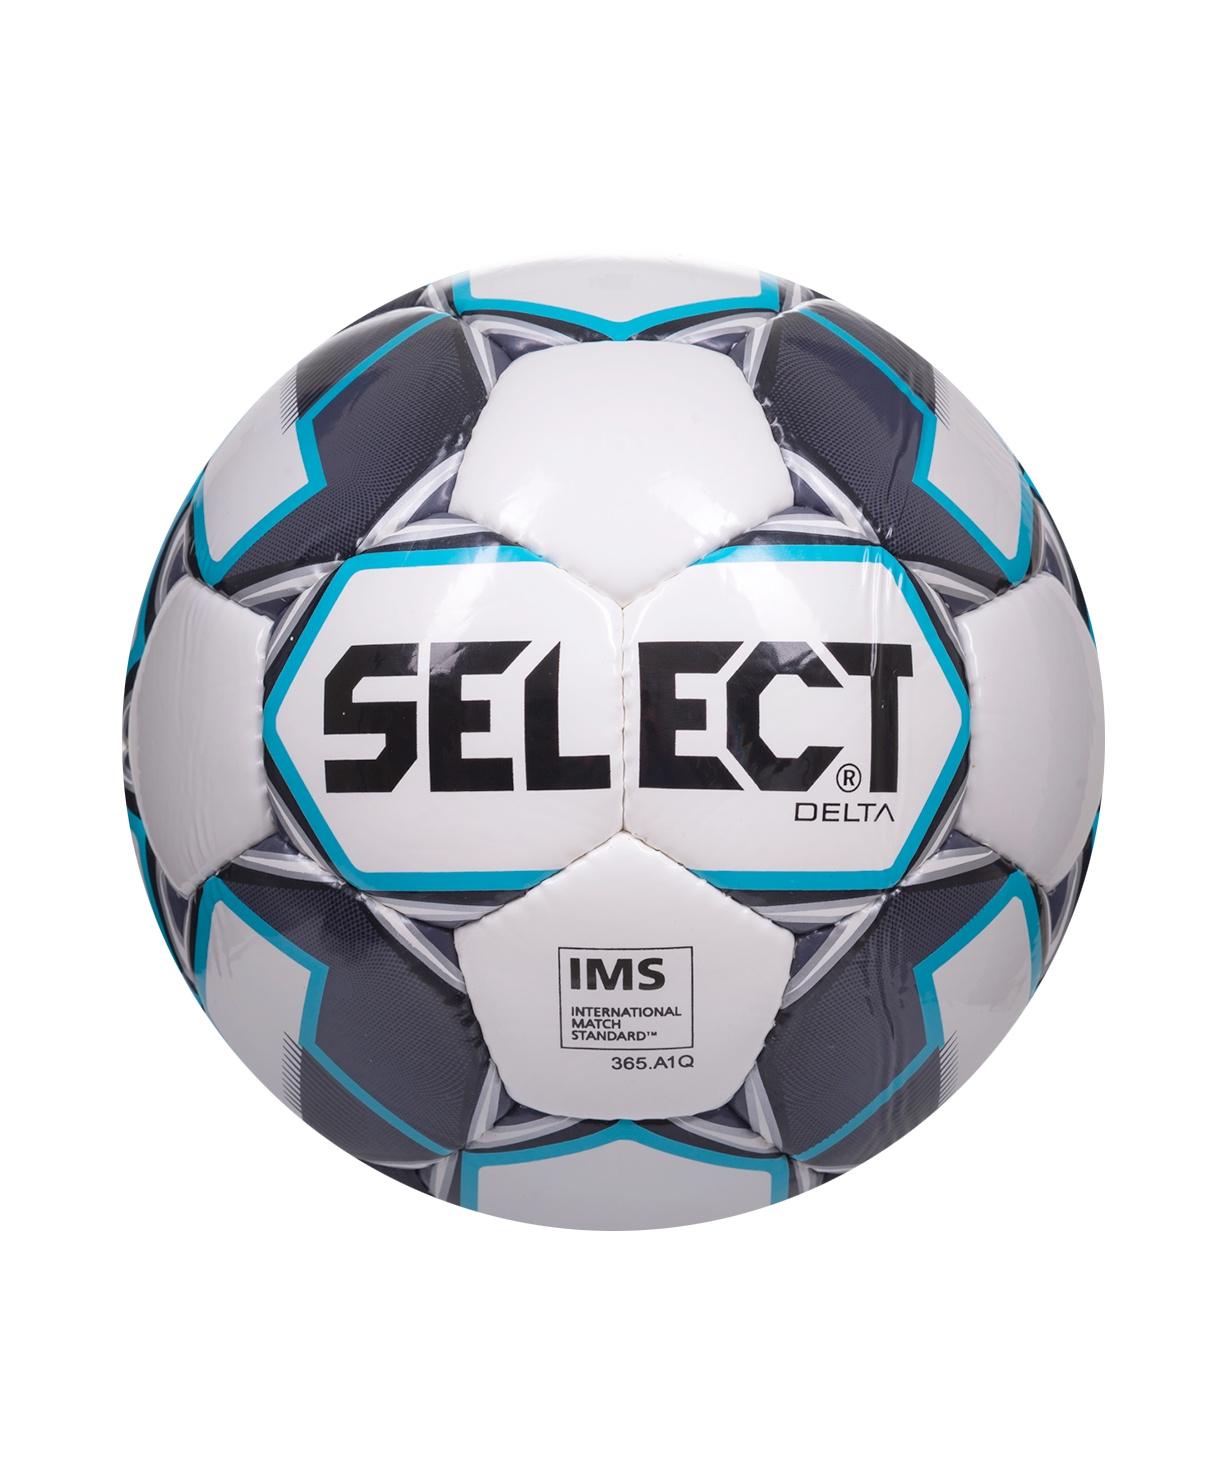 Мяч футбольный Select Delta IMS 815017, Размер 5, белый/темно-синий/голубой (5)